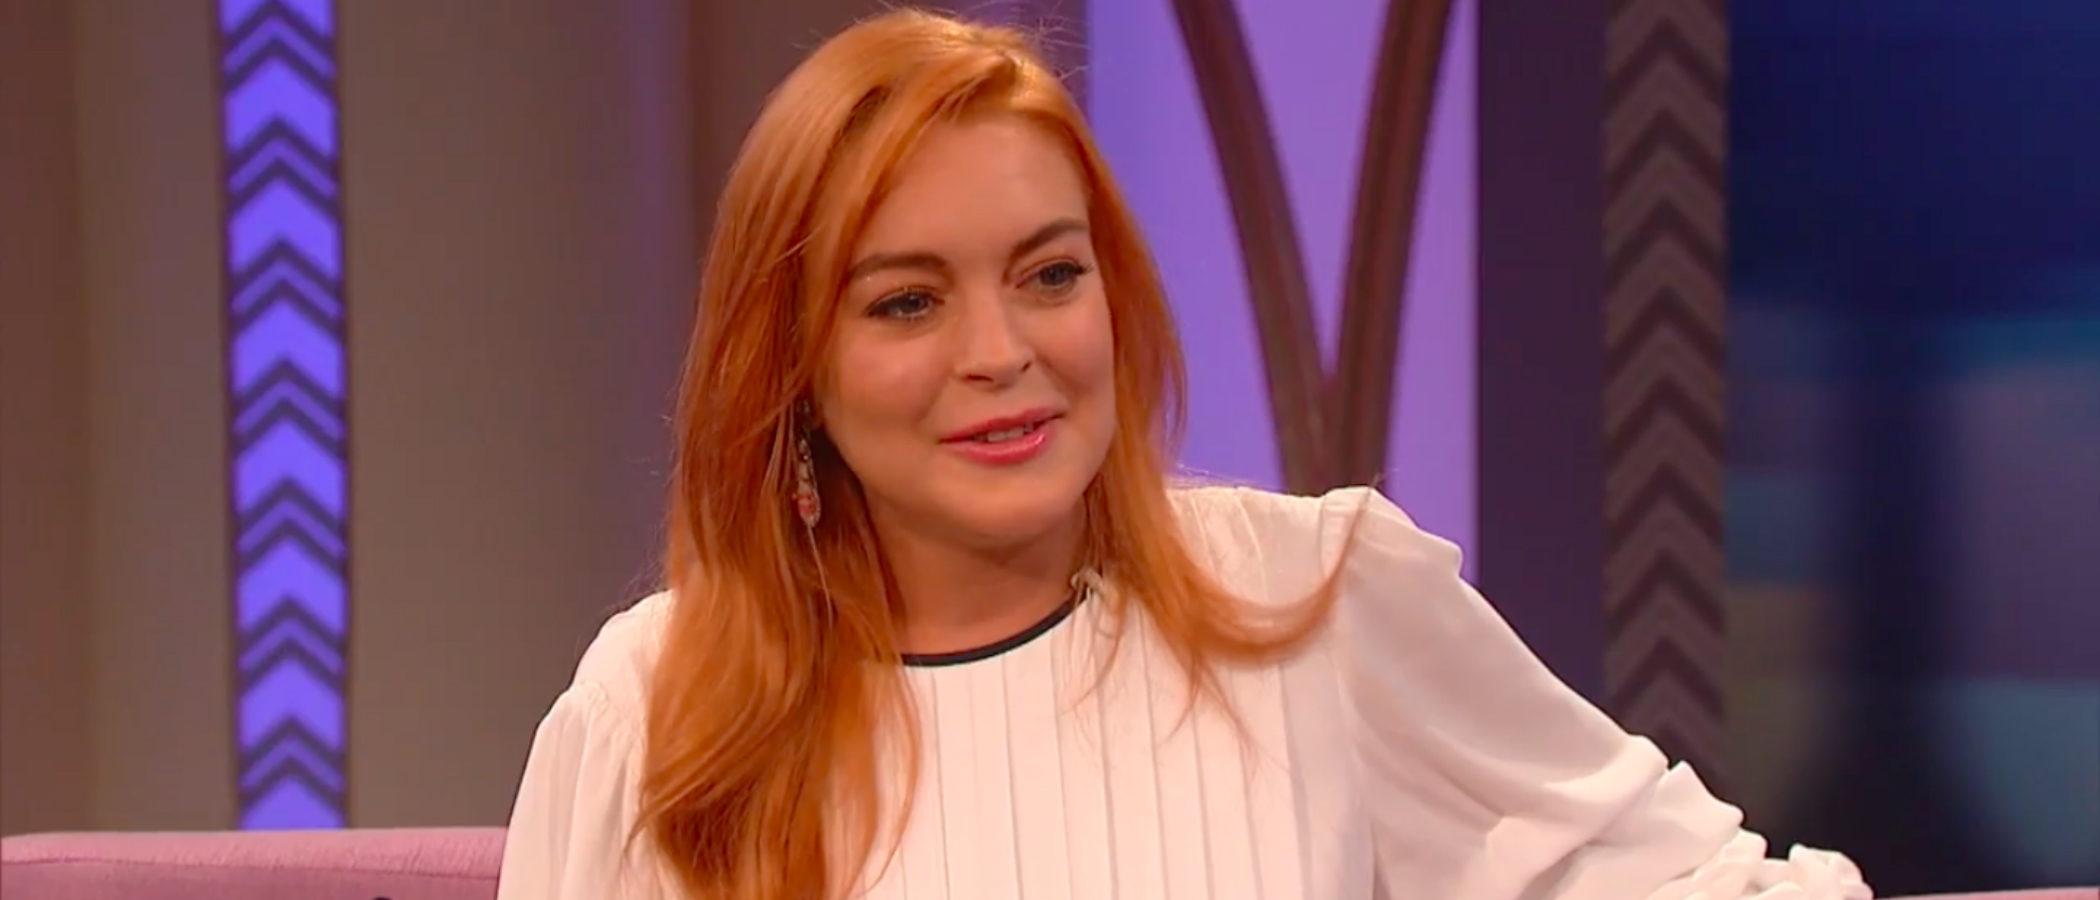 Lindsay Lohan tendrá su propia línea de maquillaje